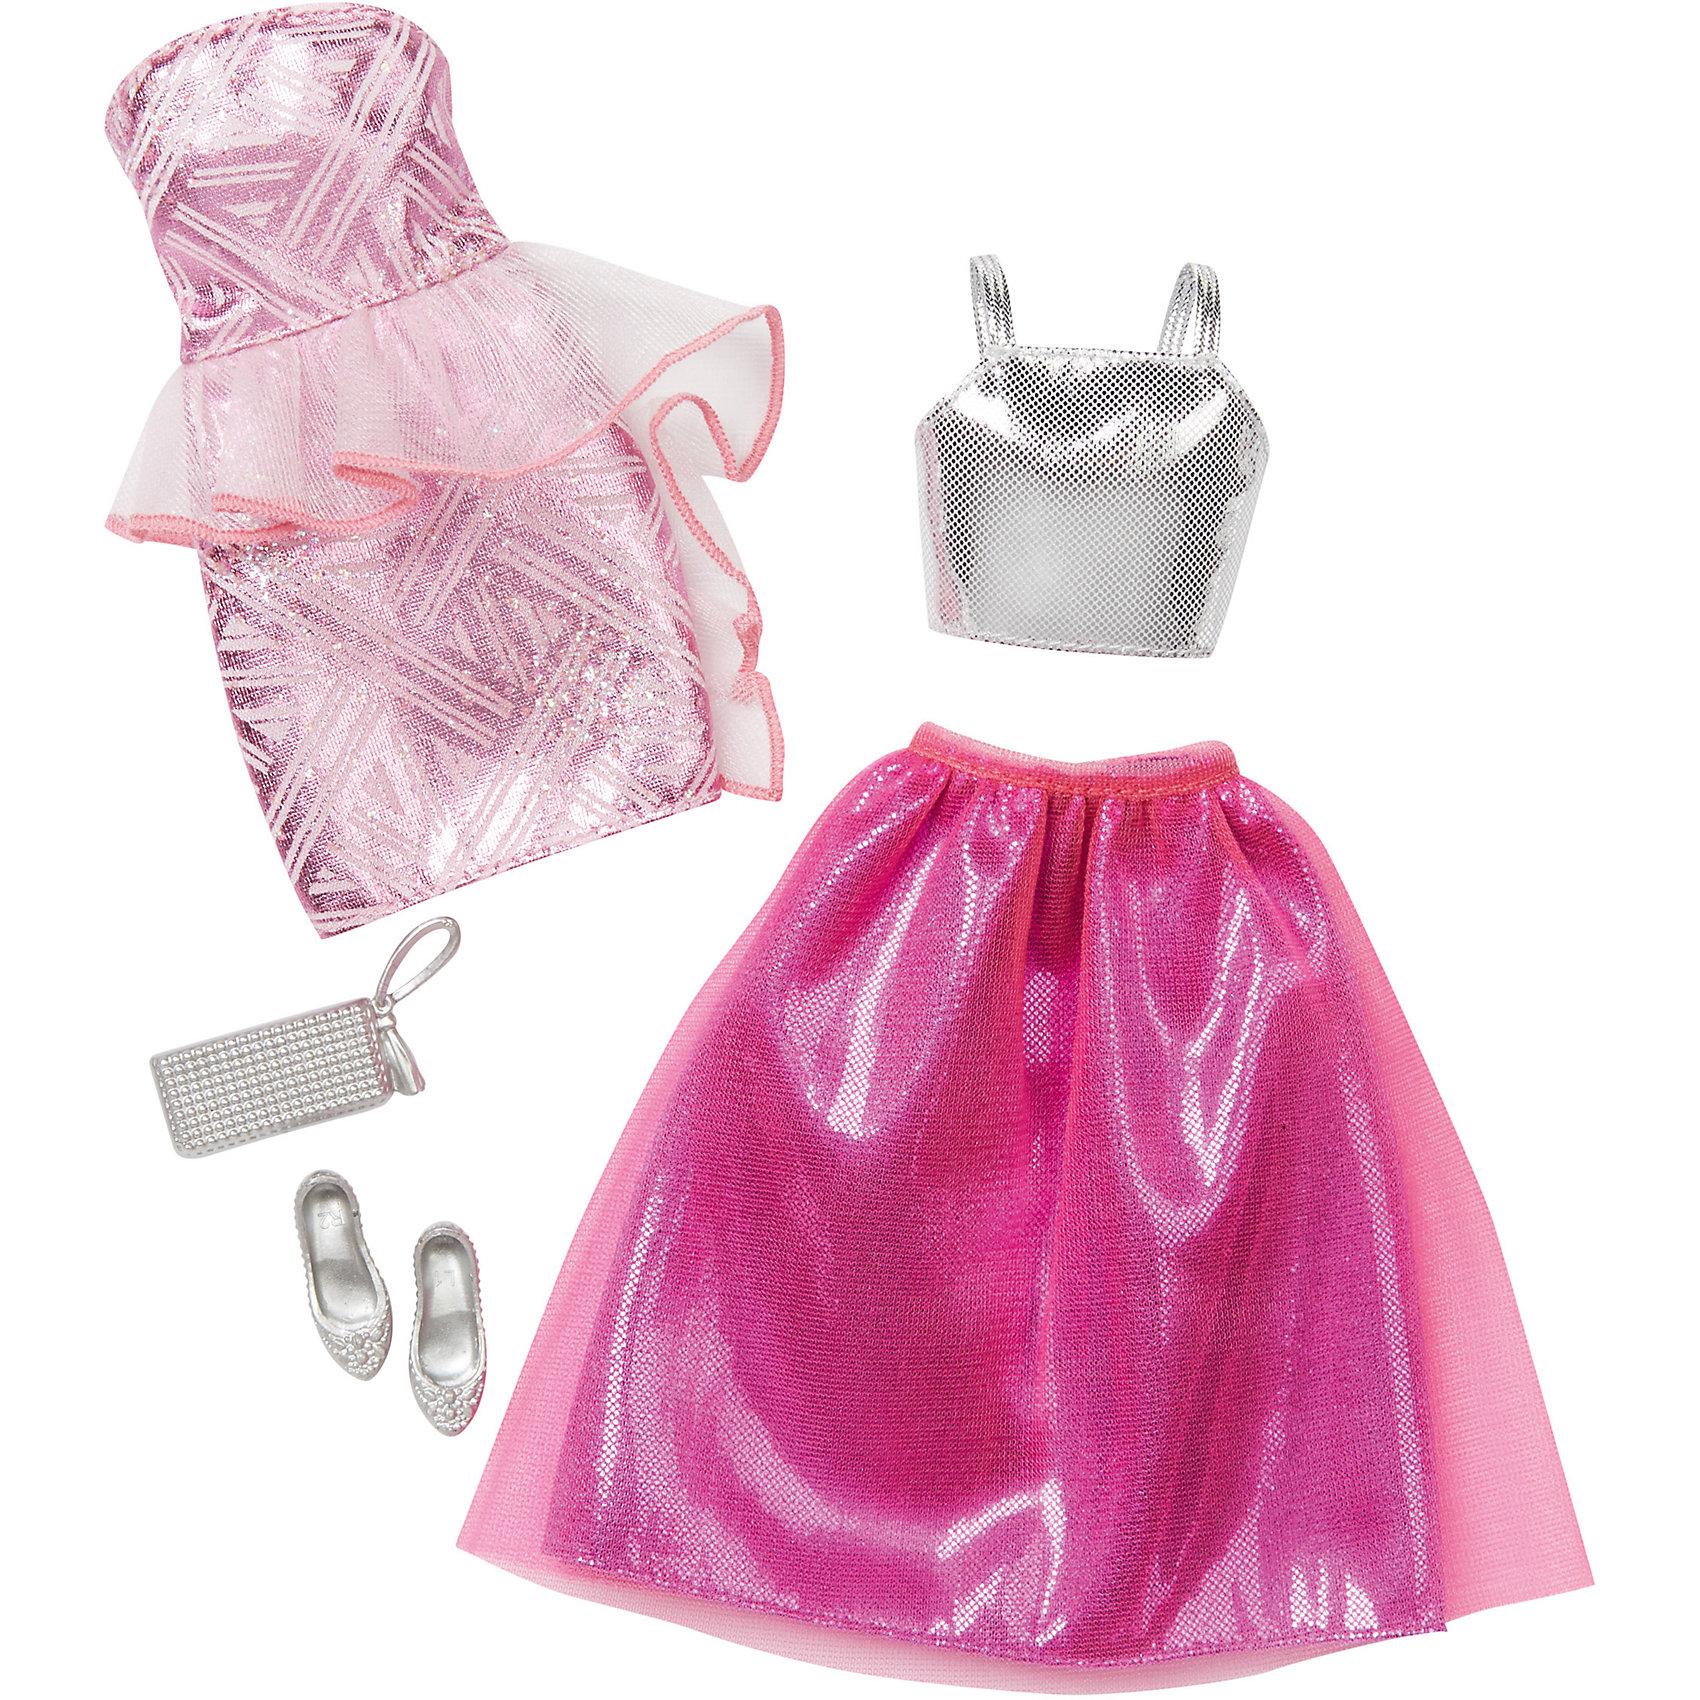 Набор модной одежды, BarbieBarbie<br>Набор одежды для куклы Barbie (Барби) - отличный вариант подарка для любительницы этих кукол. В набор входят два сочетающихся между собой комплекта одежды (всего 4 предмета) по мотивам реальных модных тенденций, пара туфель и элегантная сумочка. Предметы из разных комплектов можно комбинировать, создавая новые шикарные образы для любимой куклы.<br>Такие игрушки помогают развить мелкую моторику, логическое мышление и воображение ребенка. Эта игрушка выполнена из текстиля и высококачественного прочного пластика, безопасного для детей, отлично детализирована.<br><br>Дополнительная информация:<br><br>комплектация: два комплекта одежды (всего 4 предмета), пара туфель и сумочка; <br>цвет: разноцветный;<br>материал: пластик, текстиль;<br>размер упаковки: 27,5 х 2,5 х 25,5 см;<br>кукла продается отдельно!<br><br>Набор модной одежды, Barbie от компании Mattel можно купить в нашем магазине.<br><br>Ширина мм: 283<br>Глубина мм: 253<br>Высота мм: 27<br>Вес г: 114<br>Возраст от месяцев: 36<br>Возраст до месяцев: 8<br>Пол: Женский<br>Возраст: Детский<br>SKU: 4791077